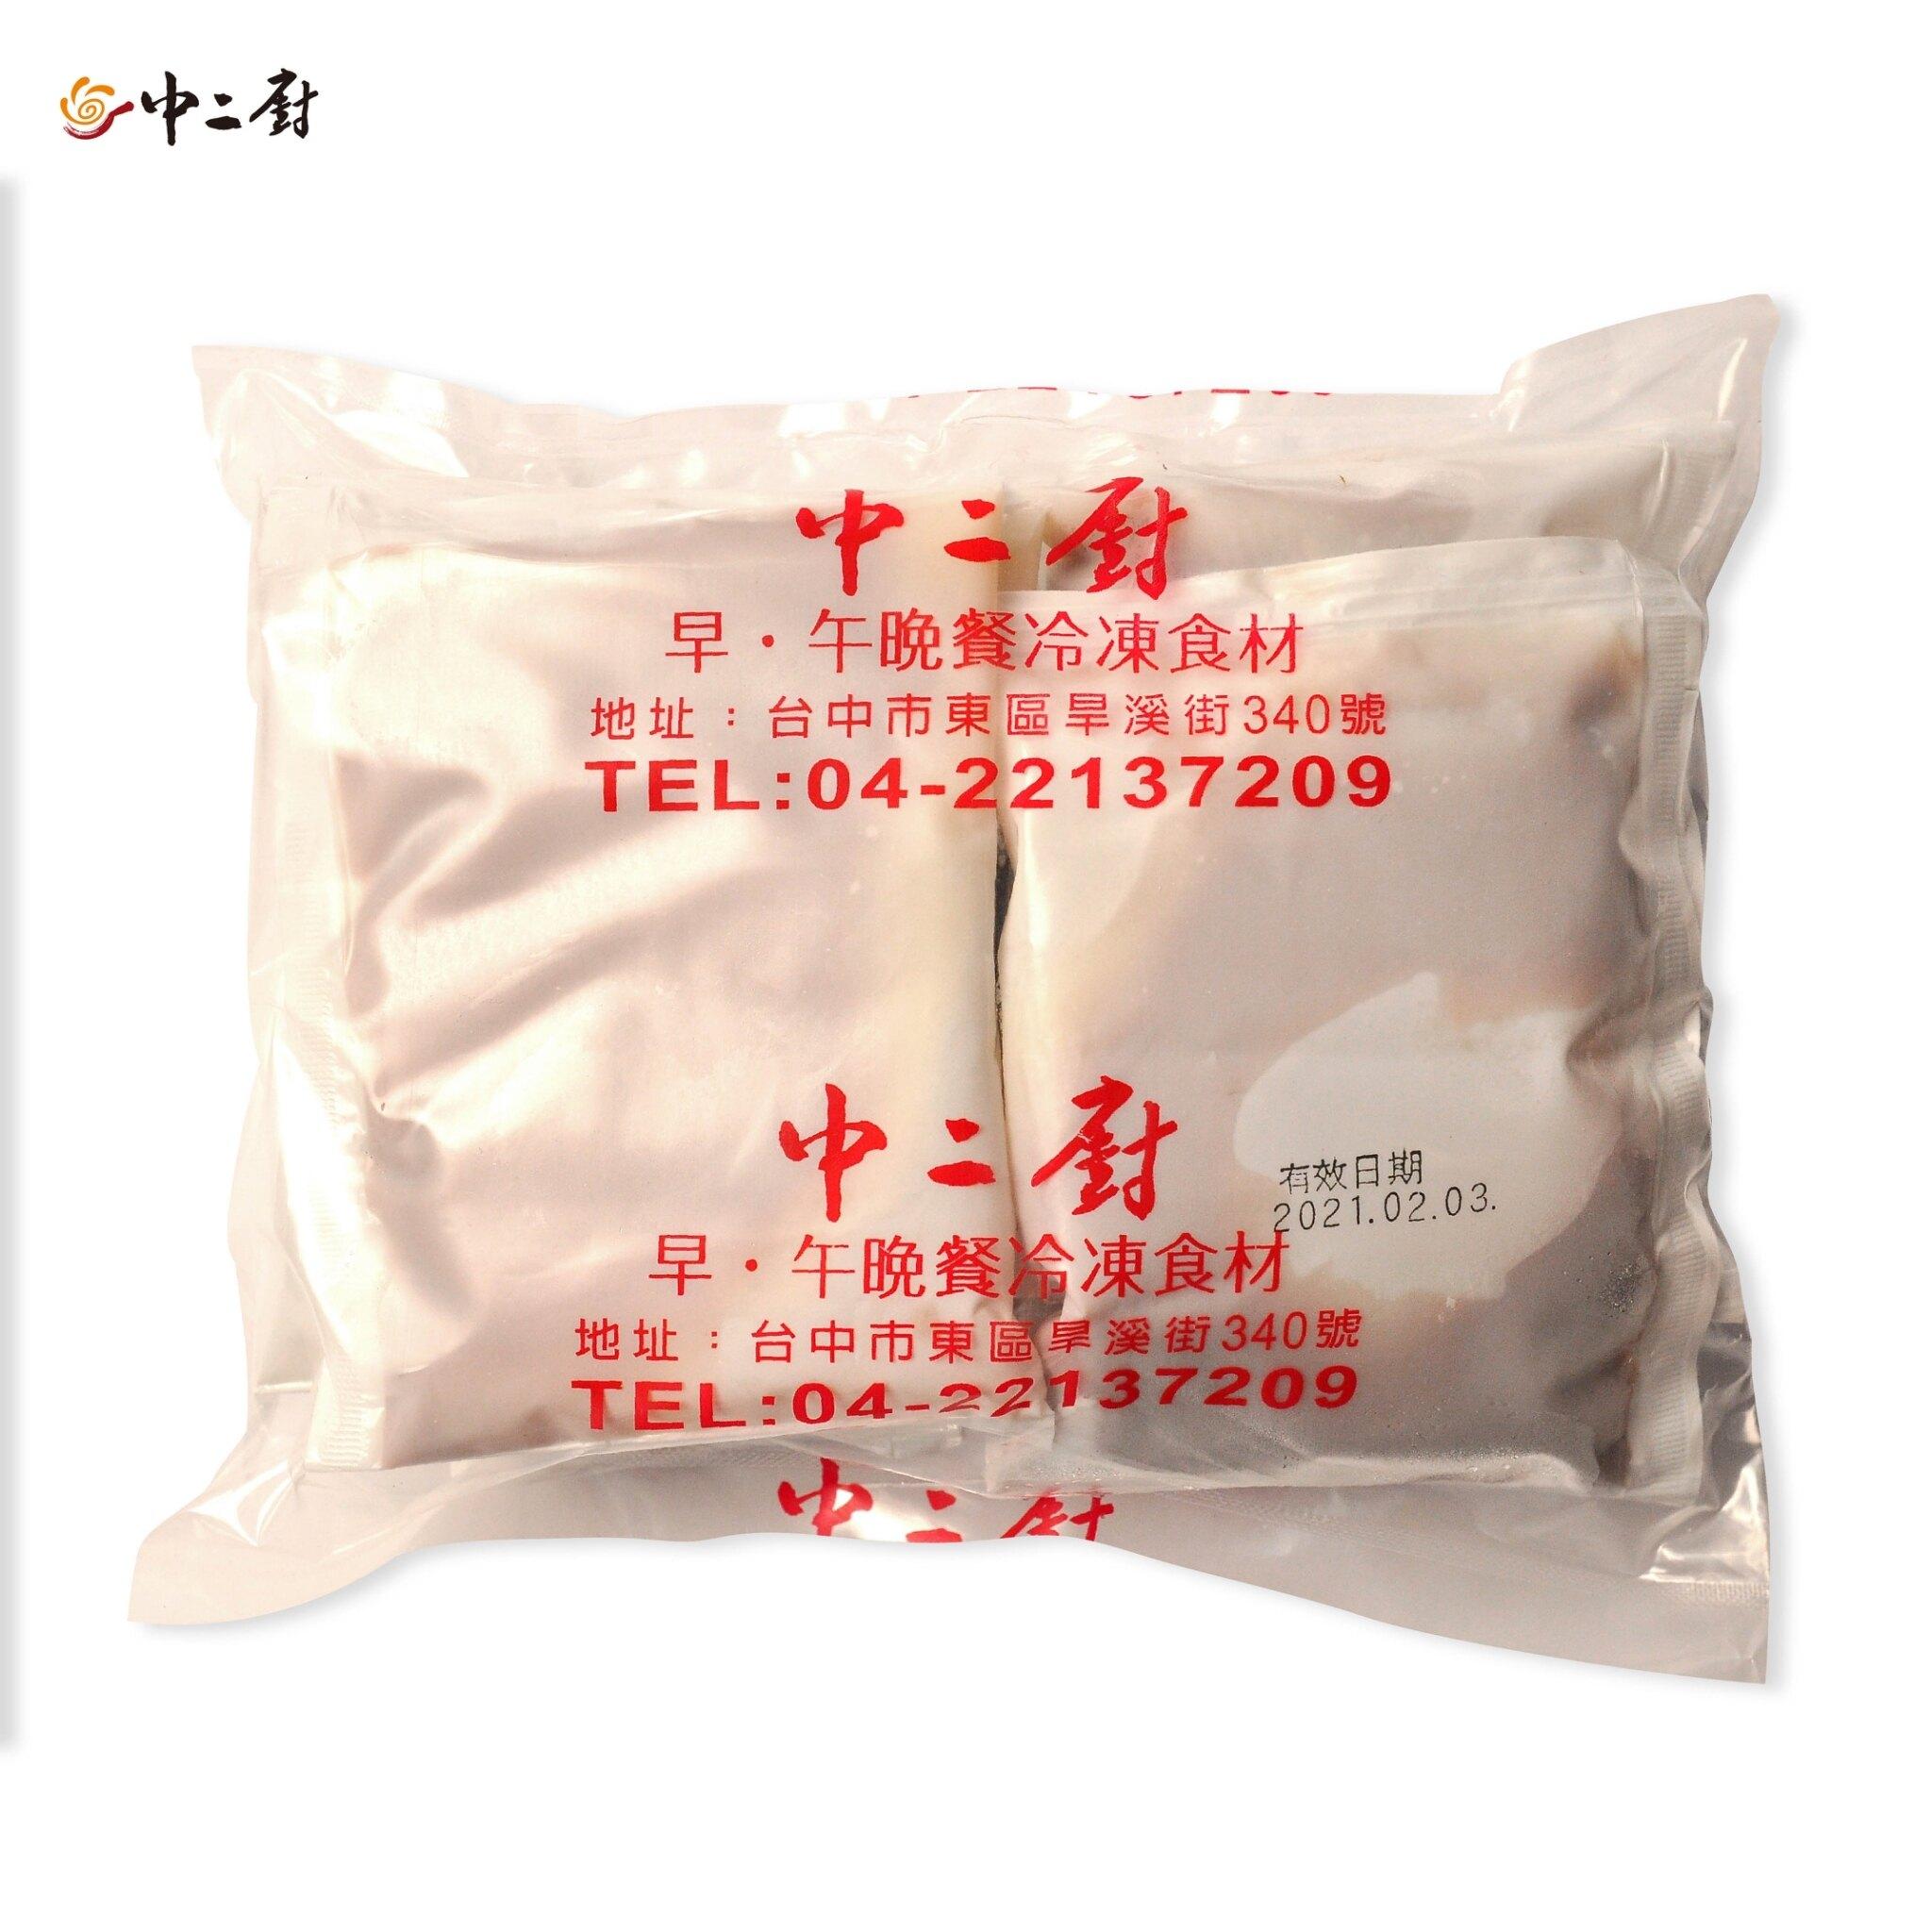 【中二廚】豚骨白湯高湯(10入)